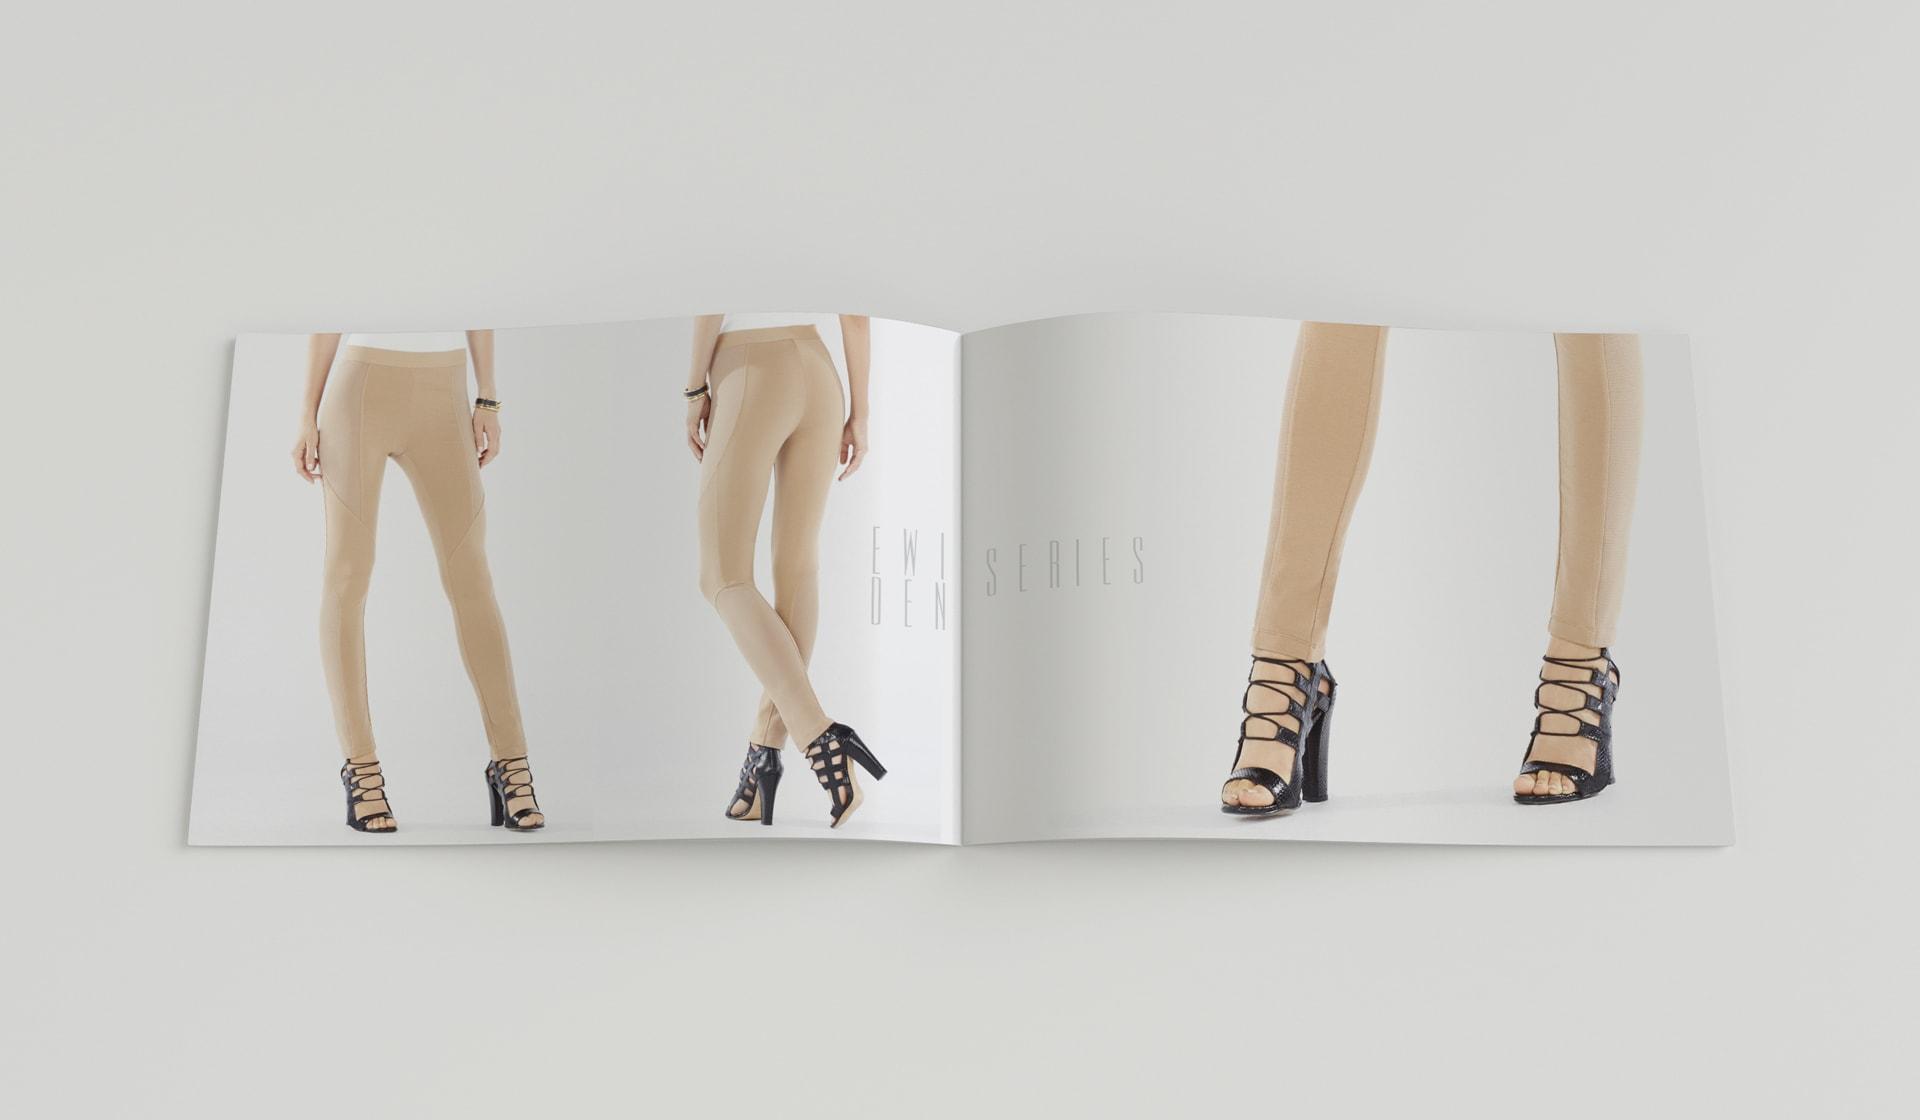 طراحی کاتالوگ برند LegX - شرکت چاپ - طراحی تبلیغاتی کی نگار knegar